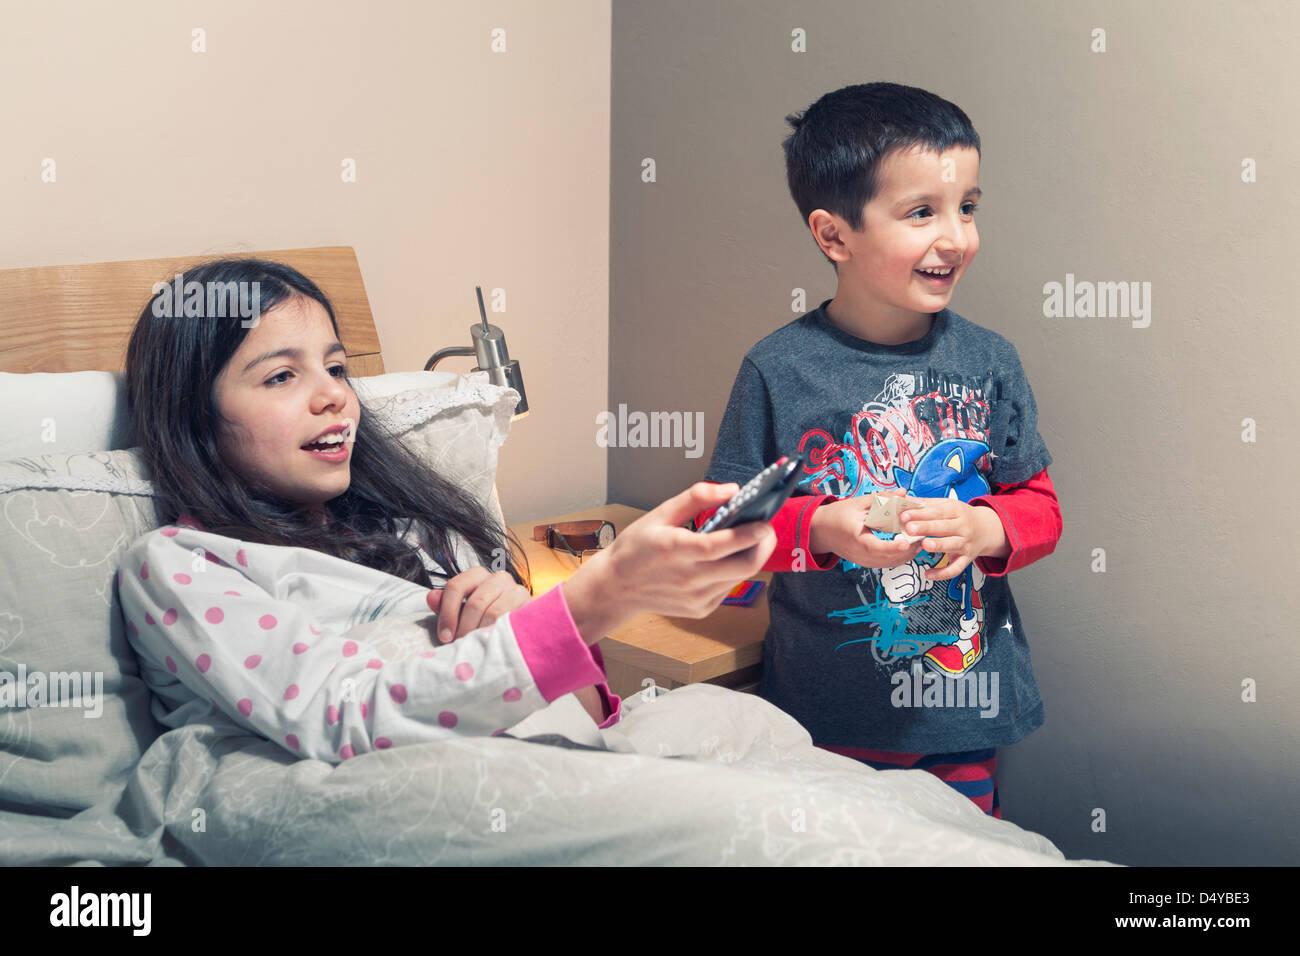 Los niños miran la televisión en la cama Imagen De Stock